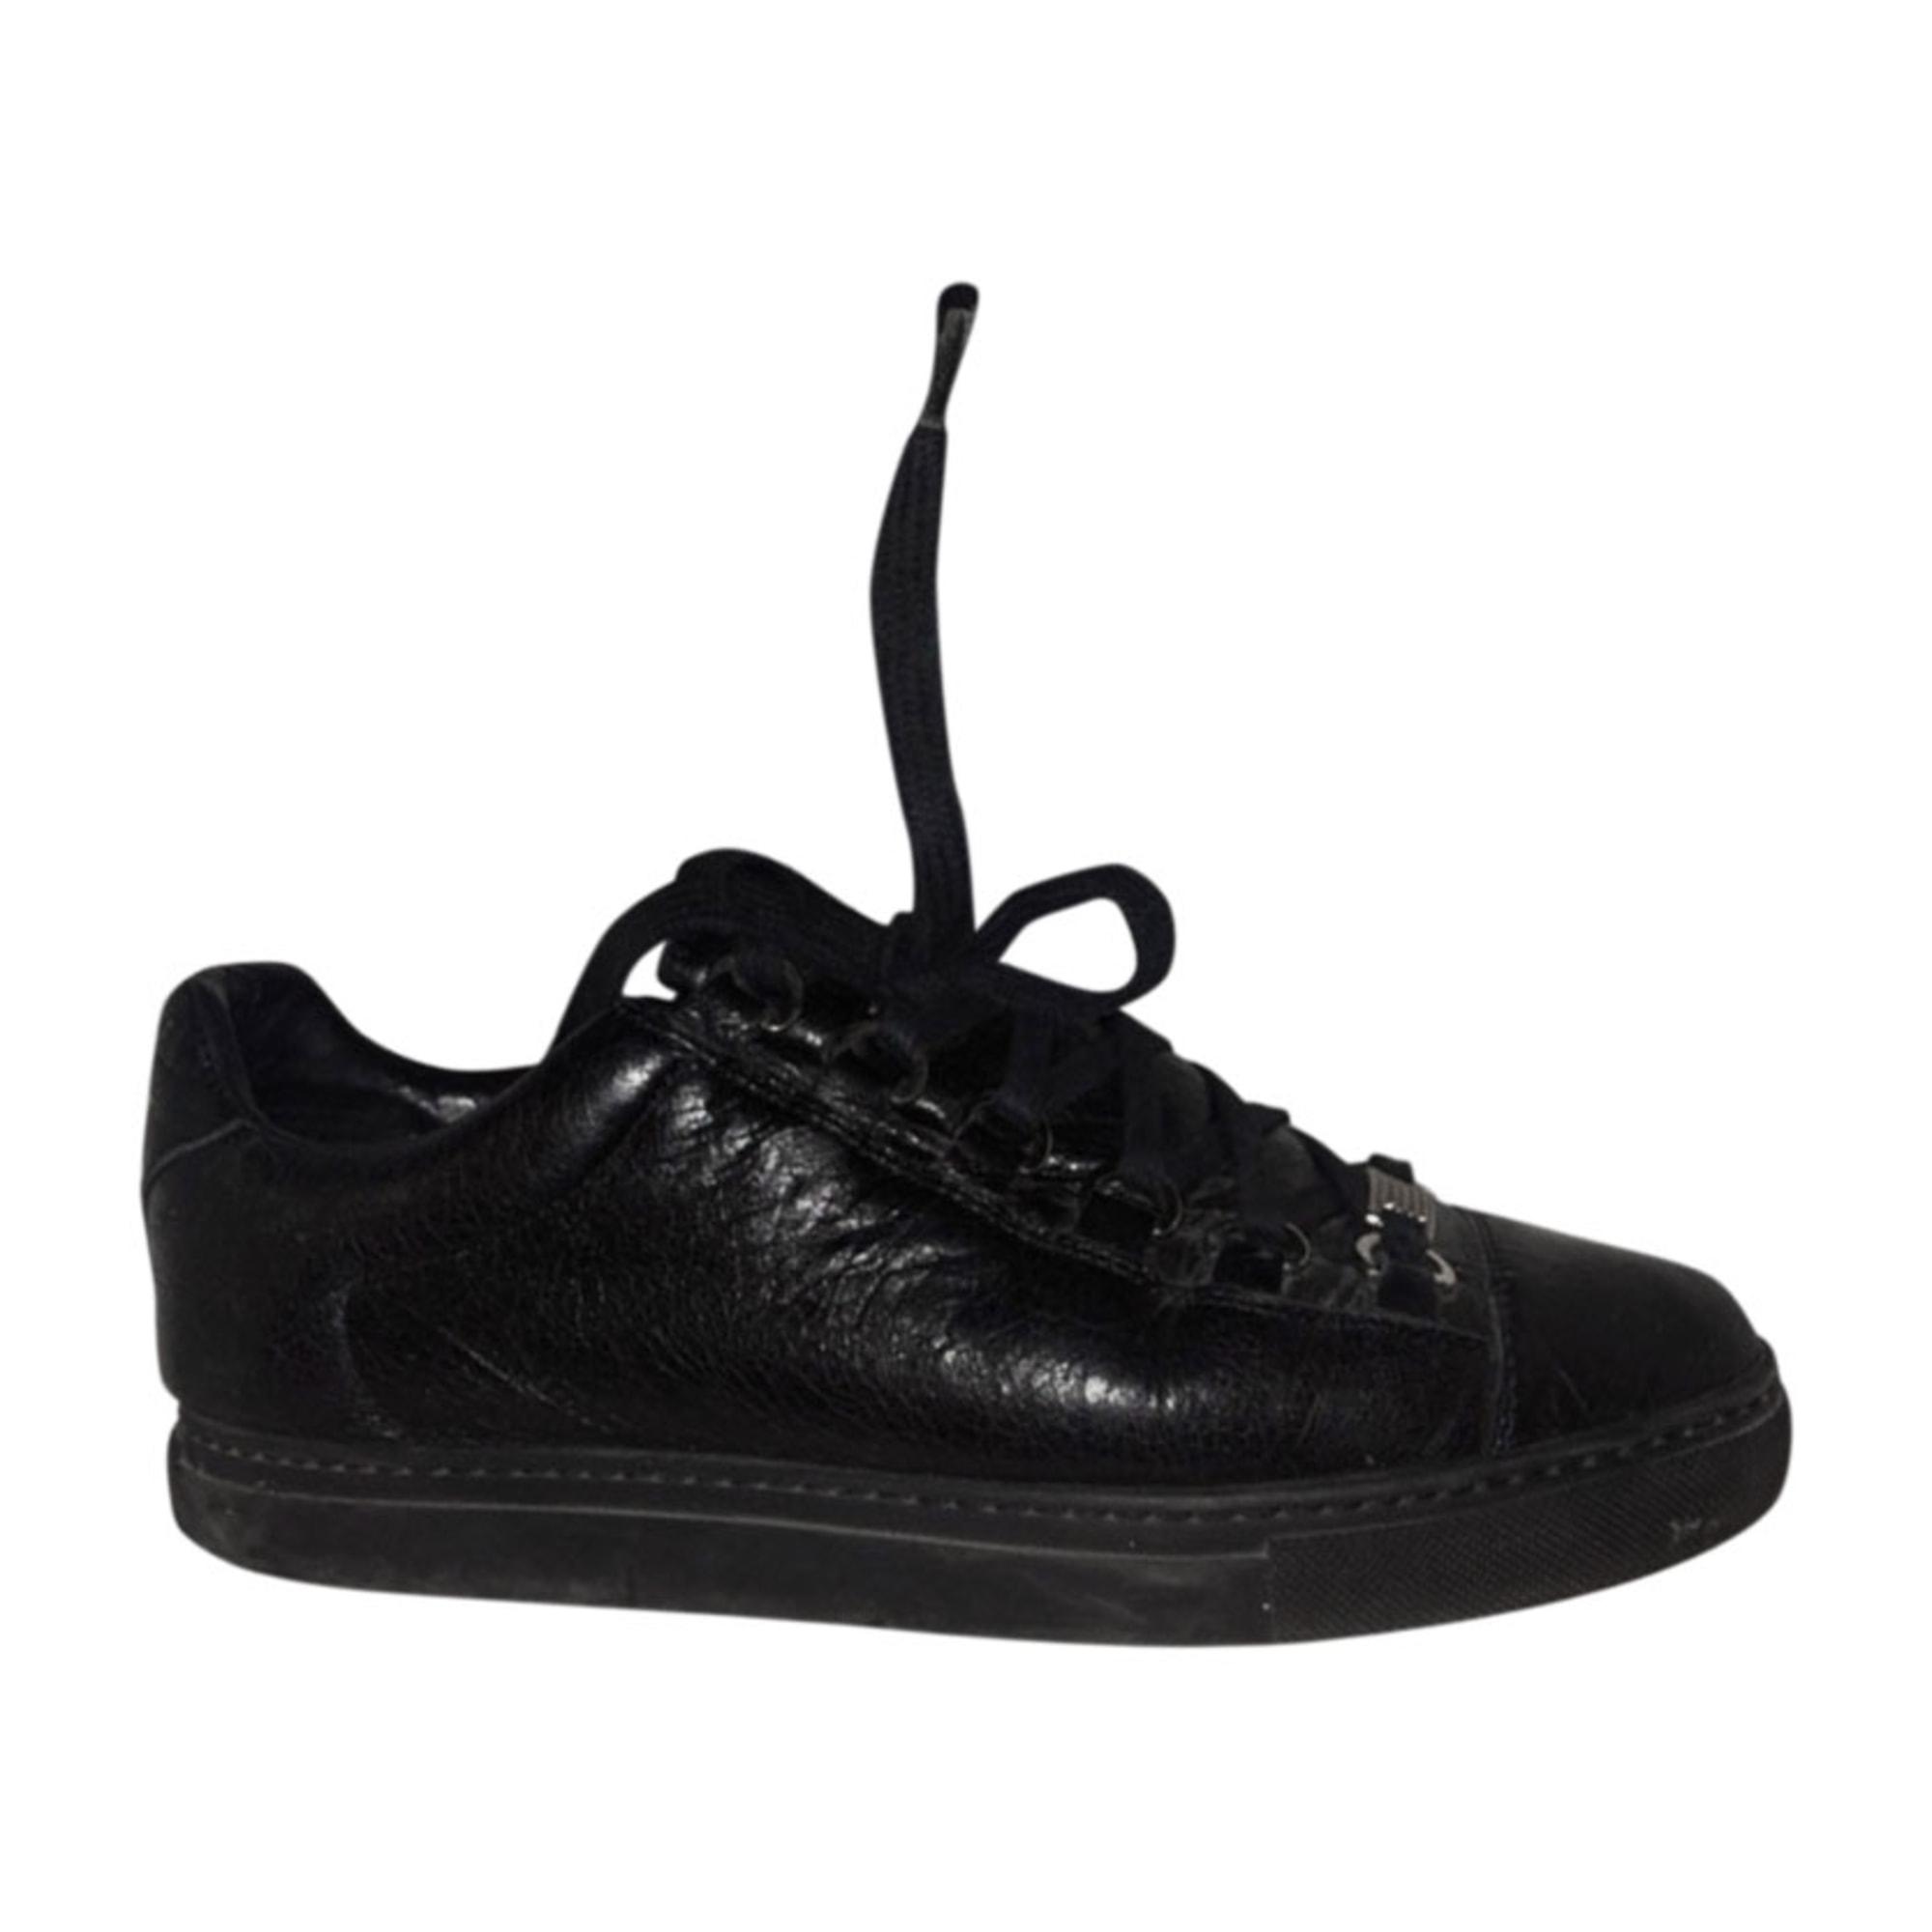 Baskets BALENCIAGA 37 noir 9827156